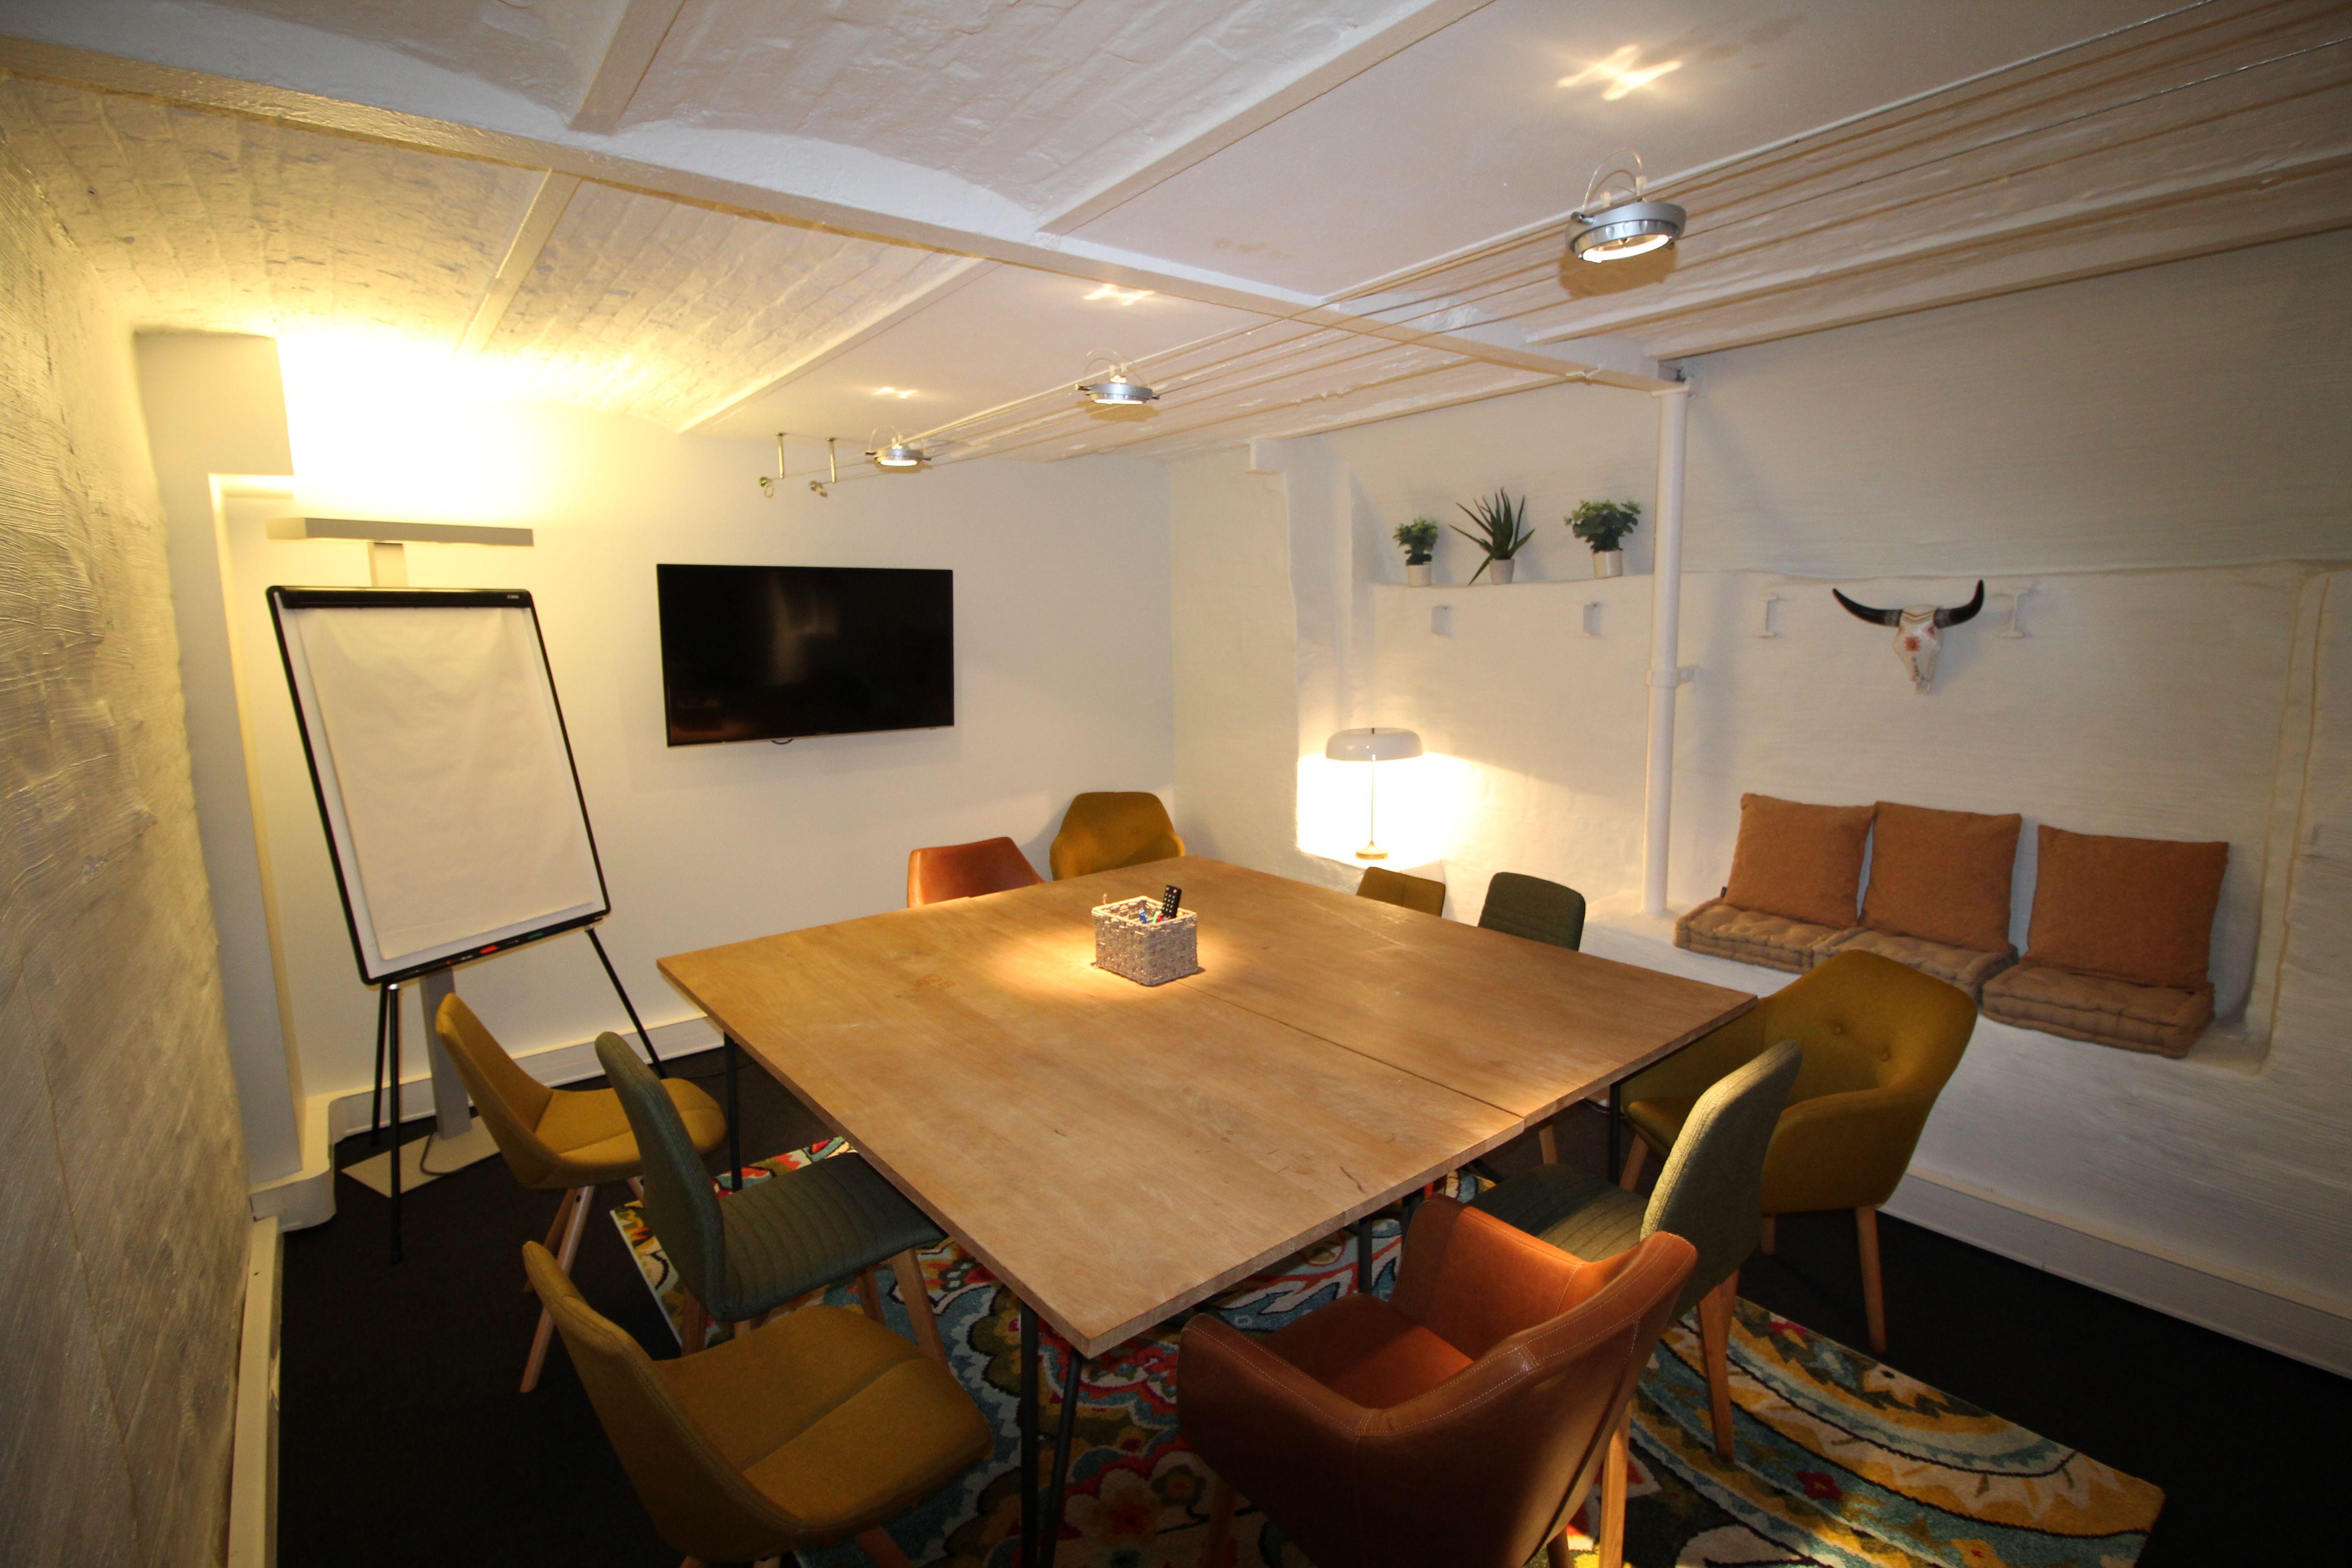 salle de réunion pour 12 personnes à Lille